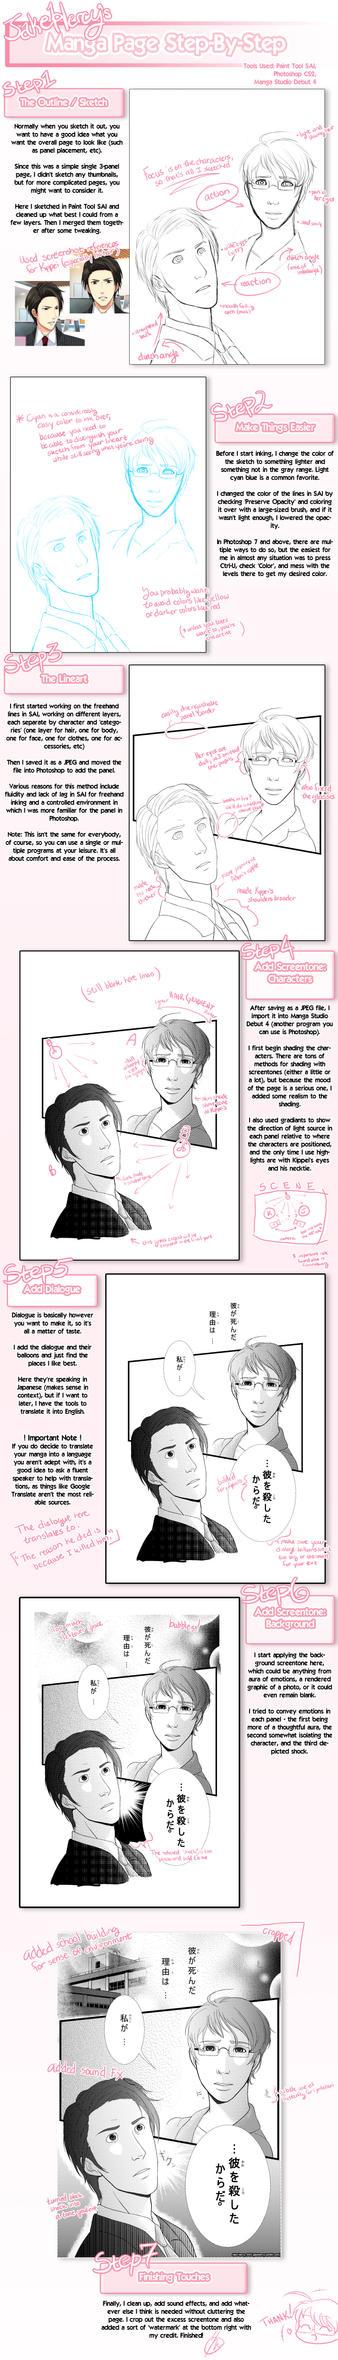 JakeHercy's Manga Page Step-by-Step Tutorial by JakeHercy